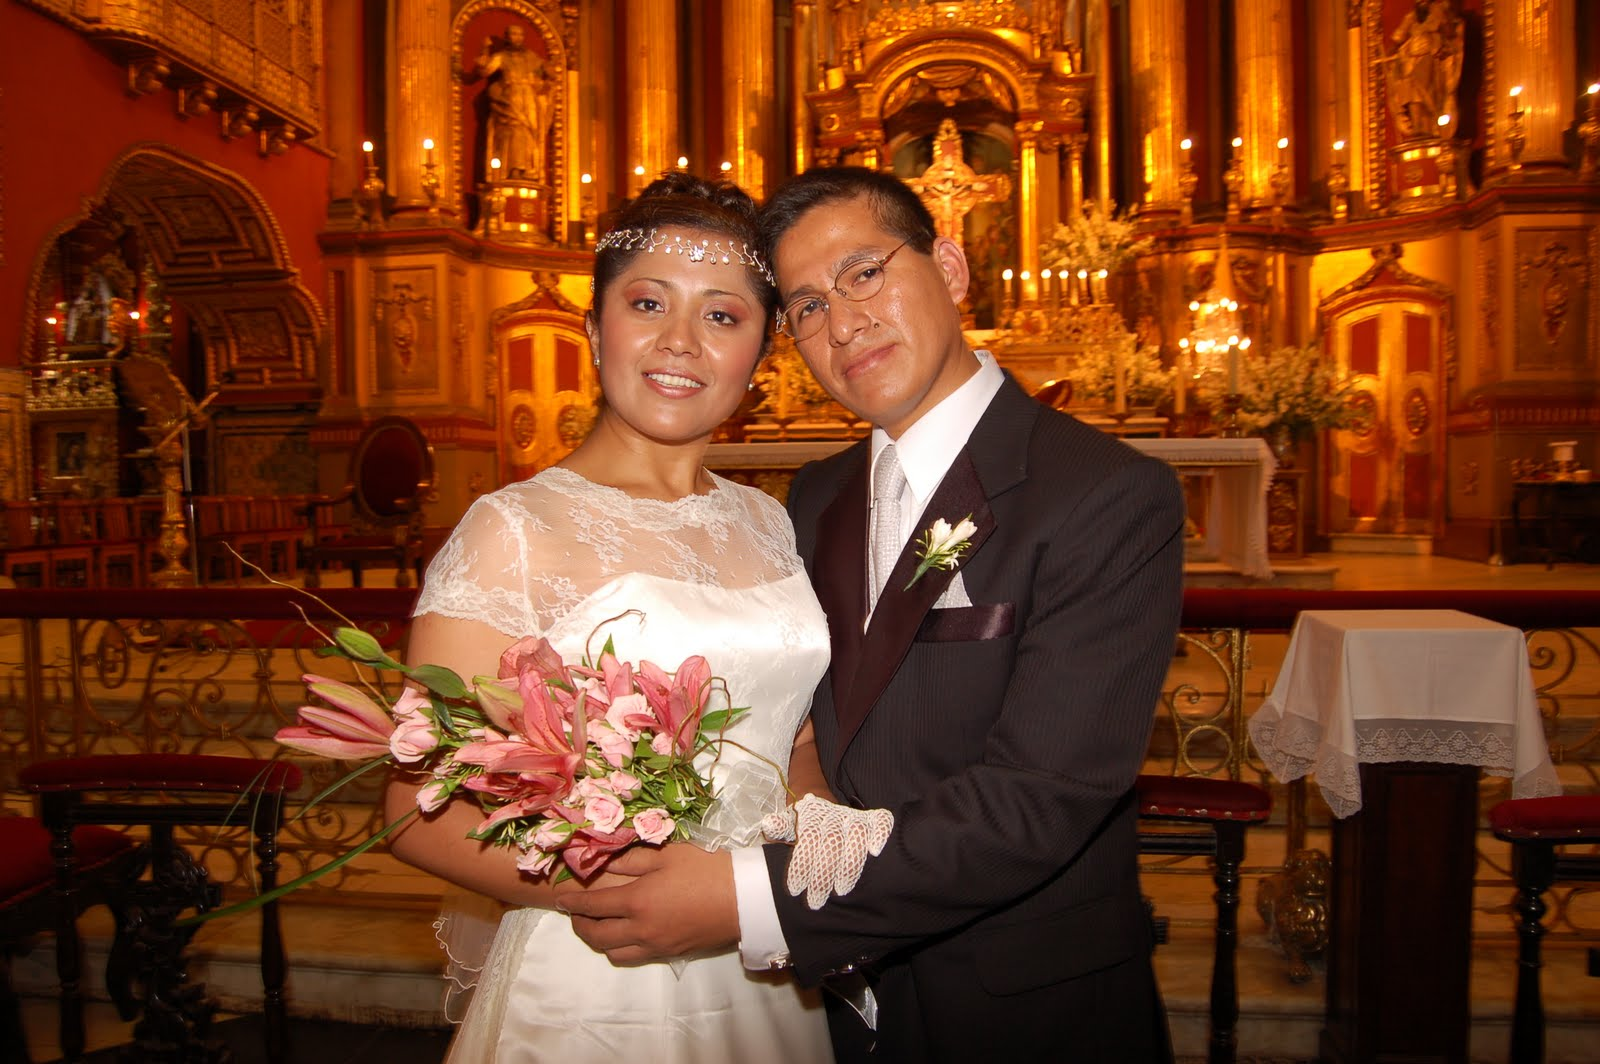 Matrimonio Simbolico Lima : Fotógrafo de perú lima miraflores larry farfan